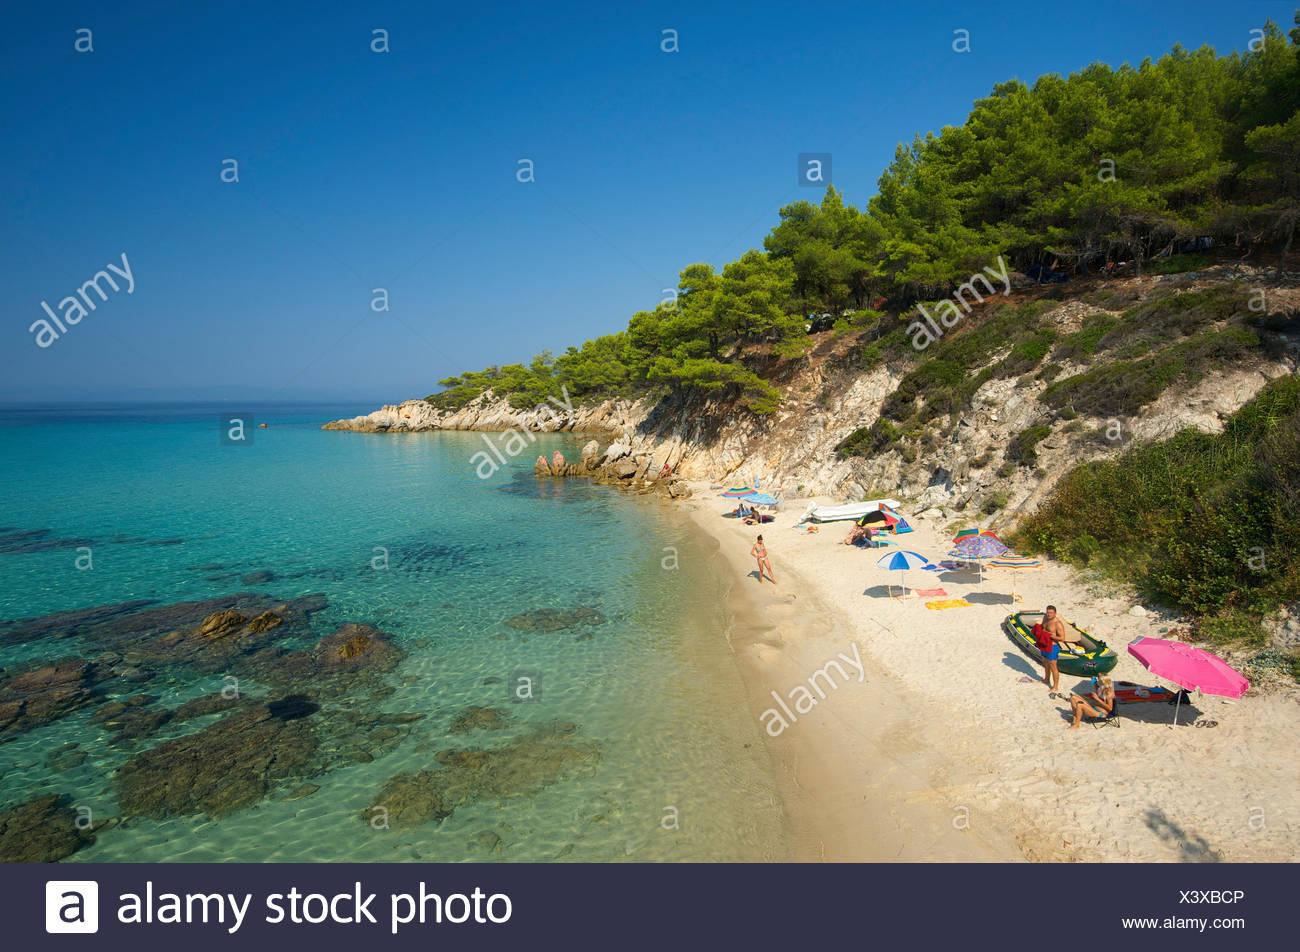 Kavourotypes beach on Sithonia, Chalkidiki or Halkidiki, Greece, Europe Stock Photo